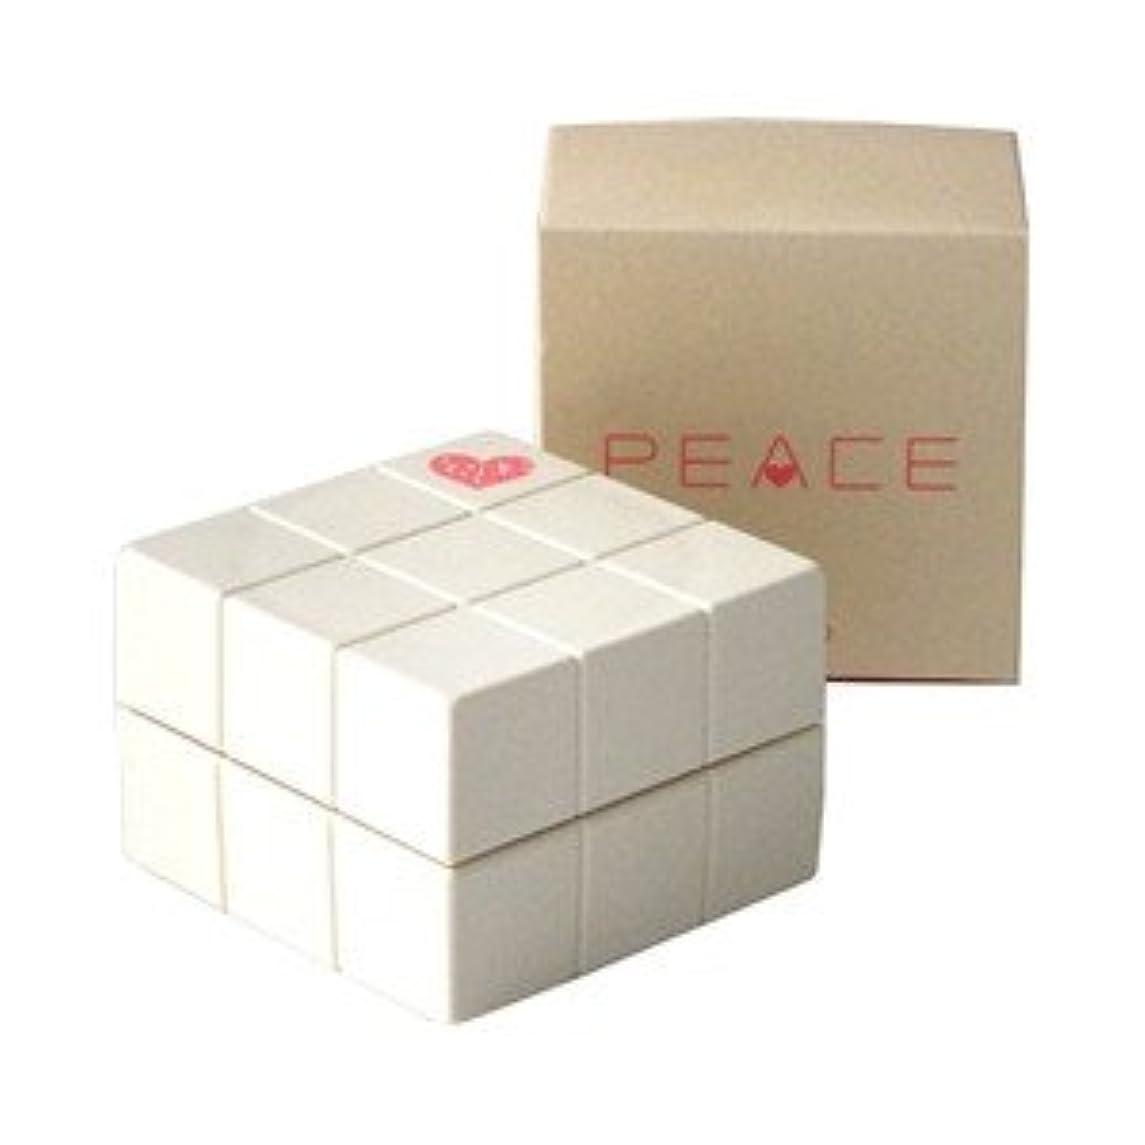 の量含むくさびアリミノ ピース プロデザイン ニュアンスワックス40g ×2個 セット arimino PEACE